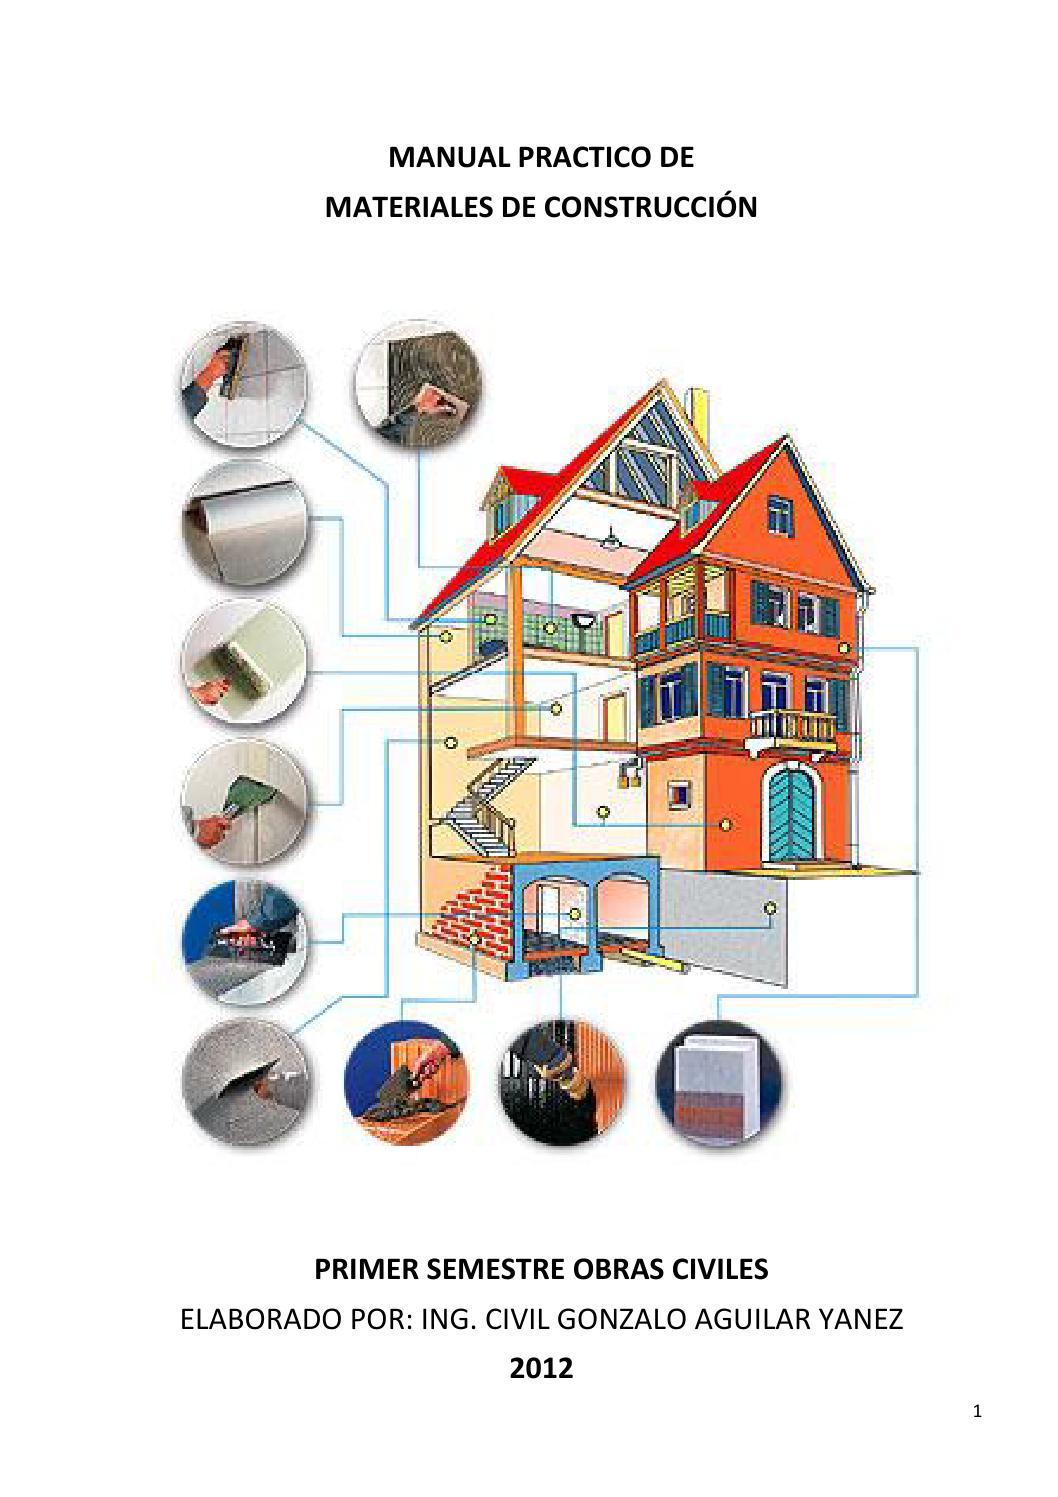 Manual practico de materiales de construcci n by instituto for Materiales de construccion marmol